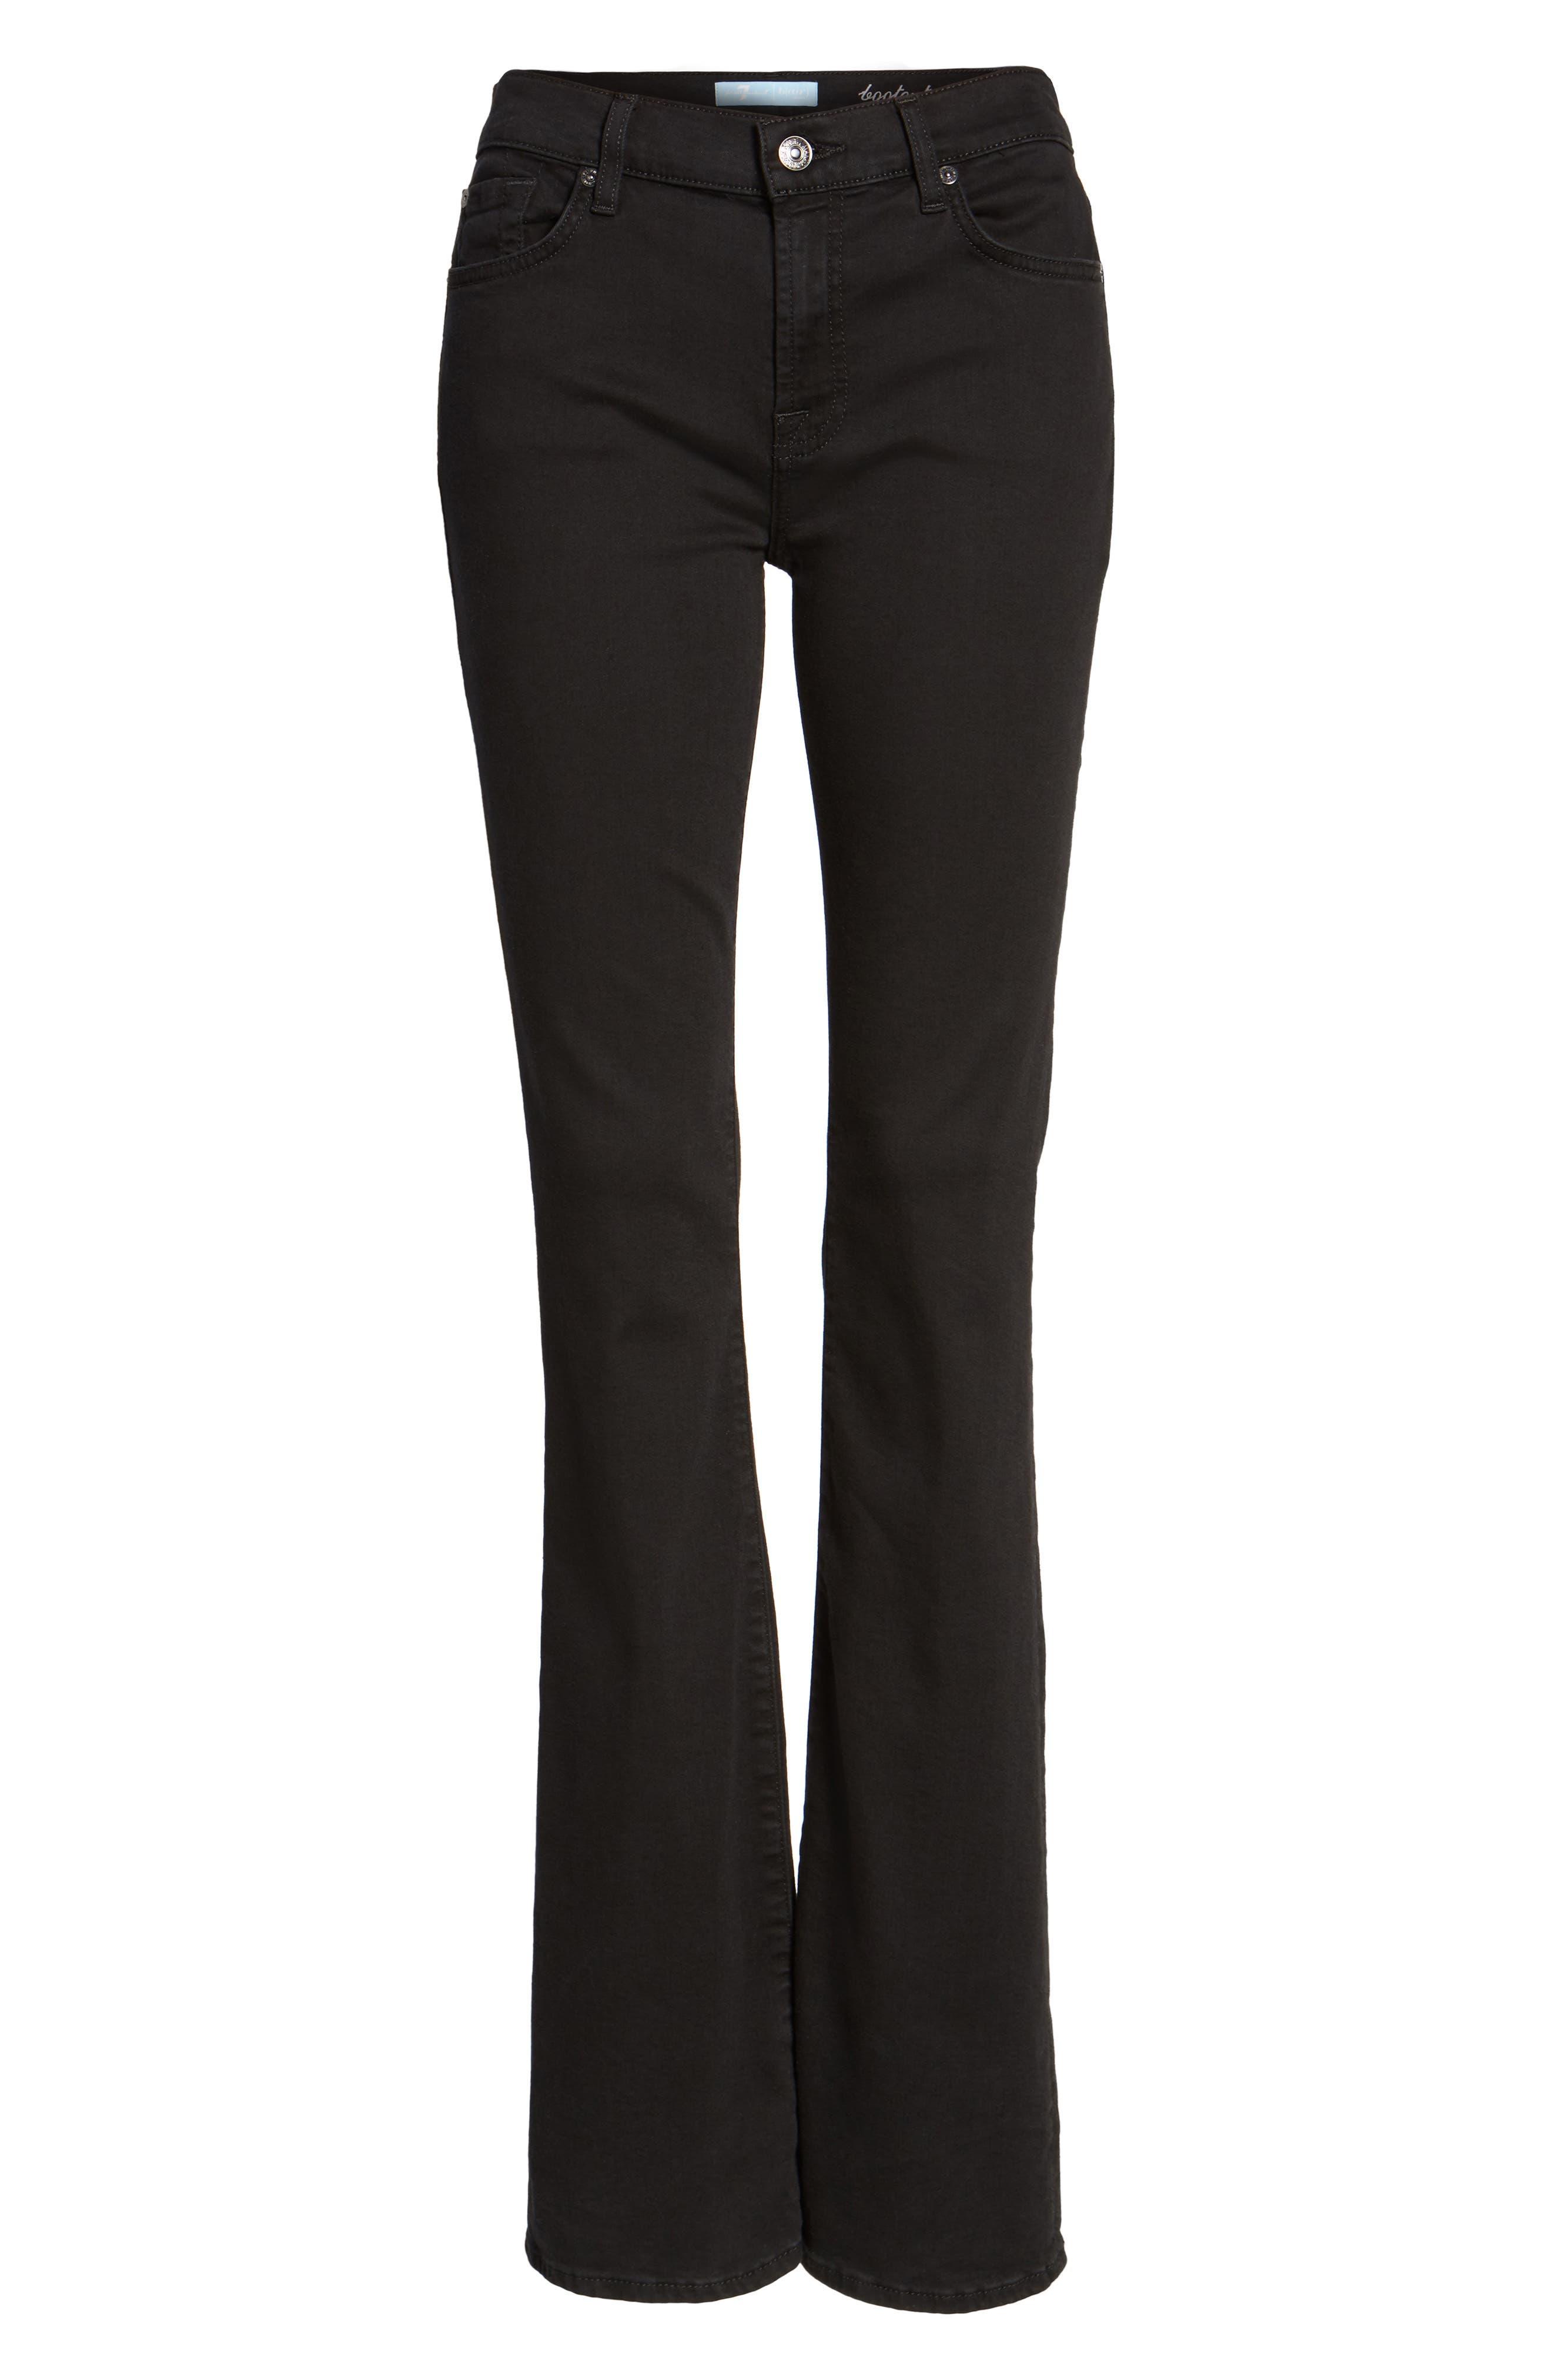 b(air) Bootcut Jeans,                             Alternate thumbnail 6, color,                             B(Air) Black